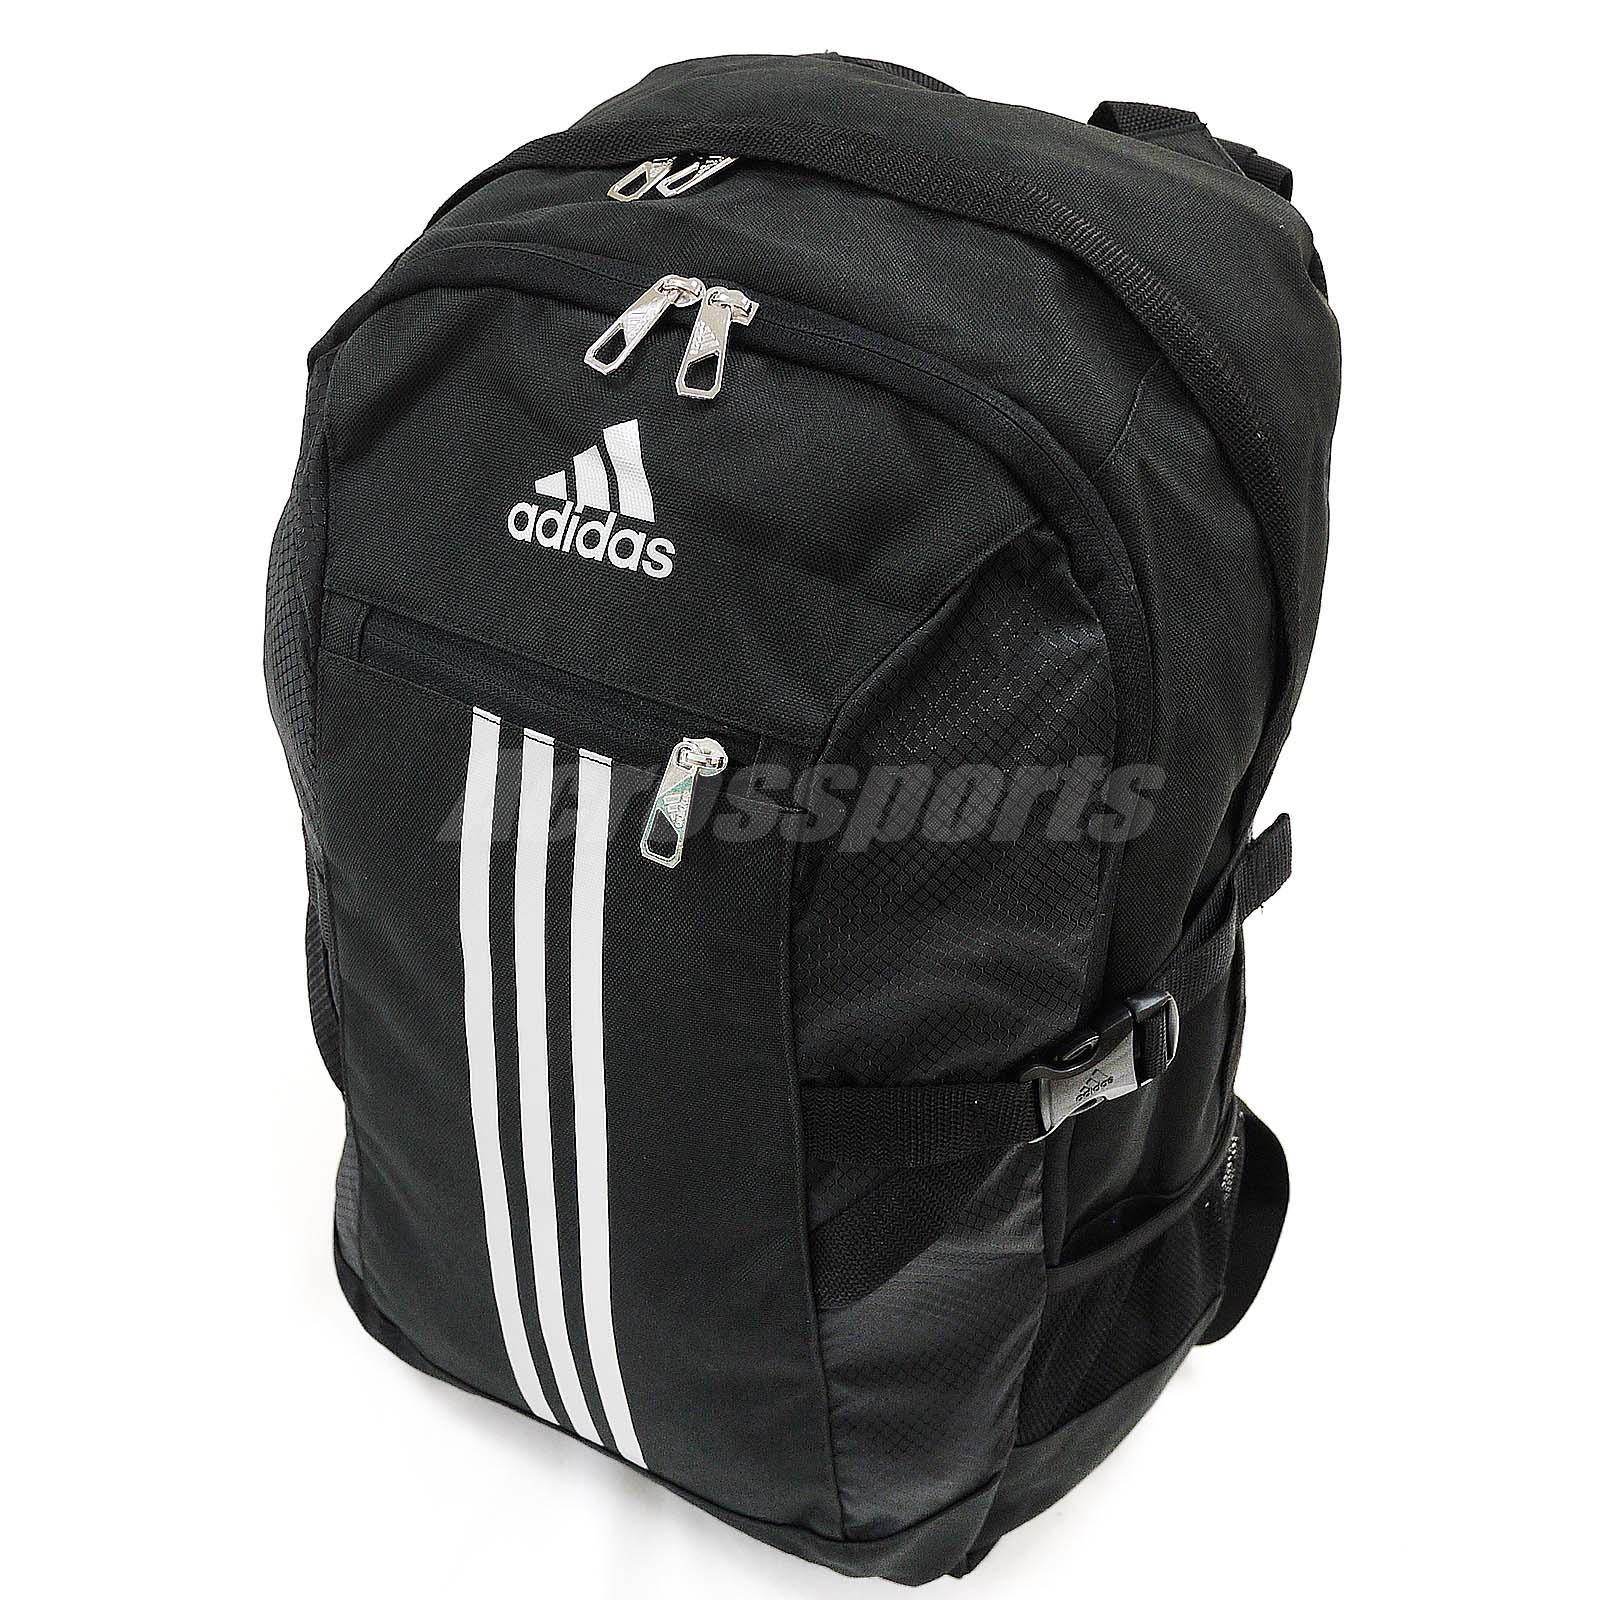 eb0eb58fcb Adidas 3 Stripes Backpack Black White- Fenix Toulouse Handball